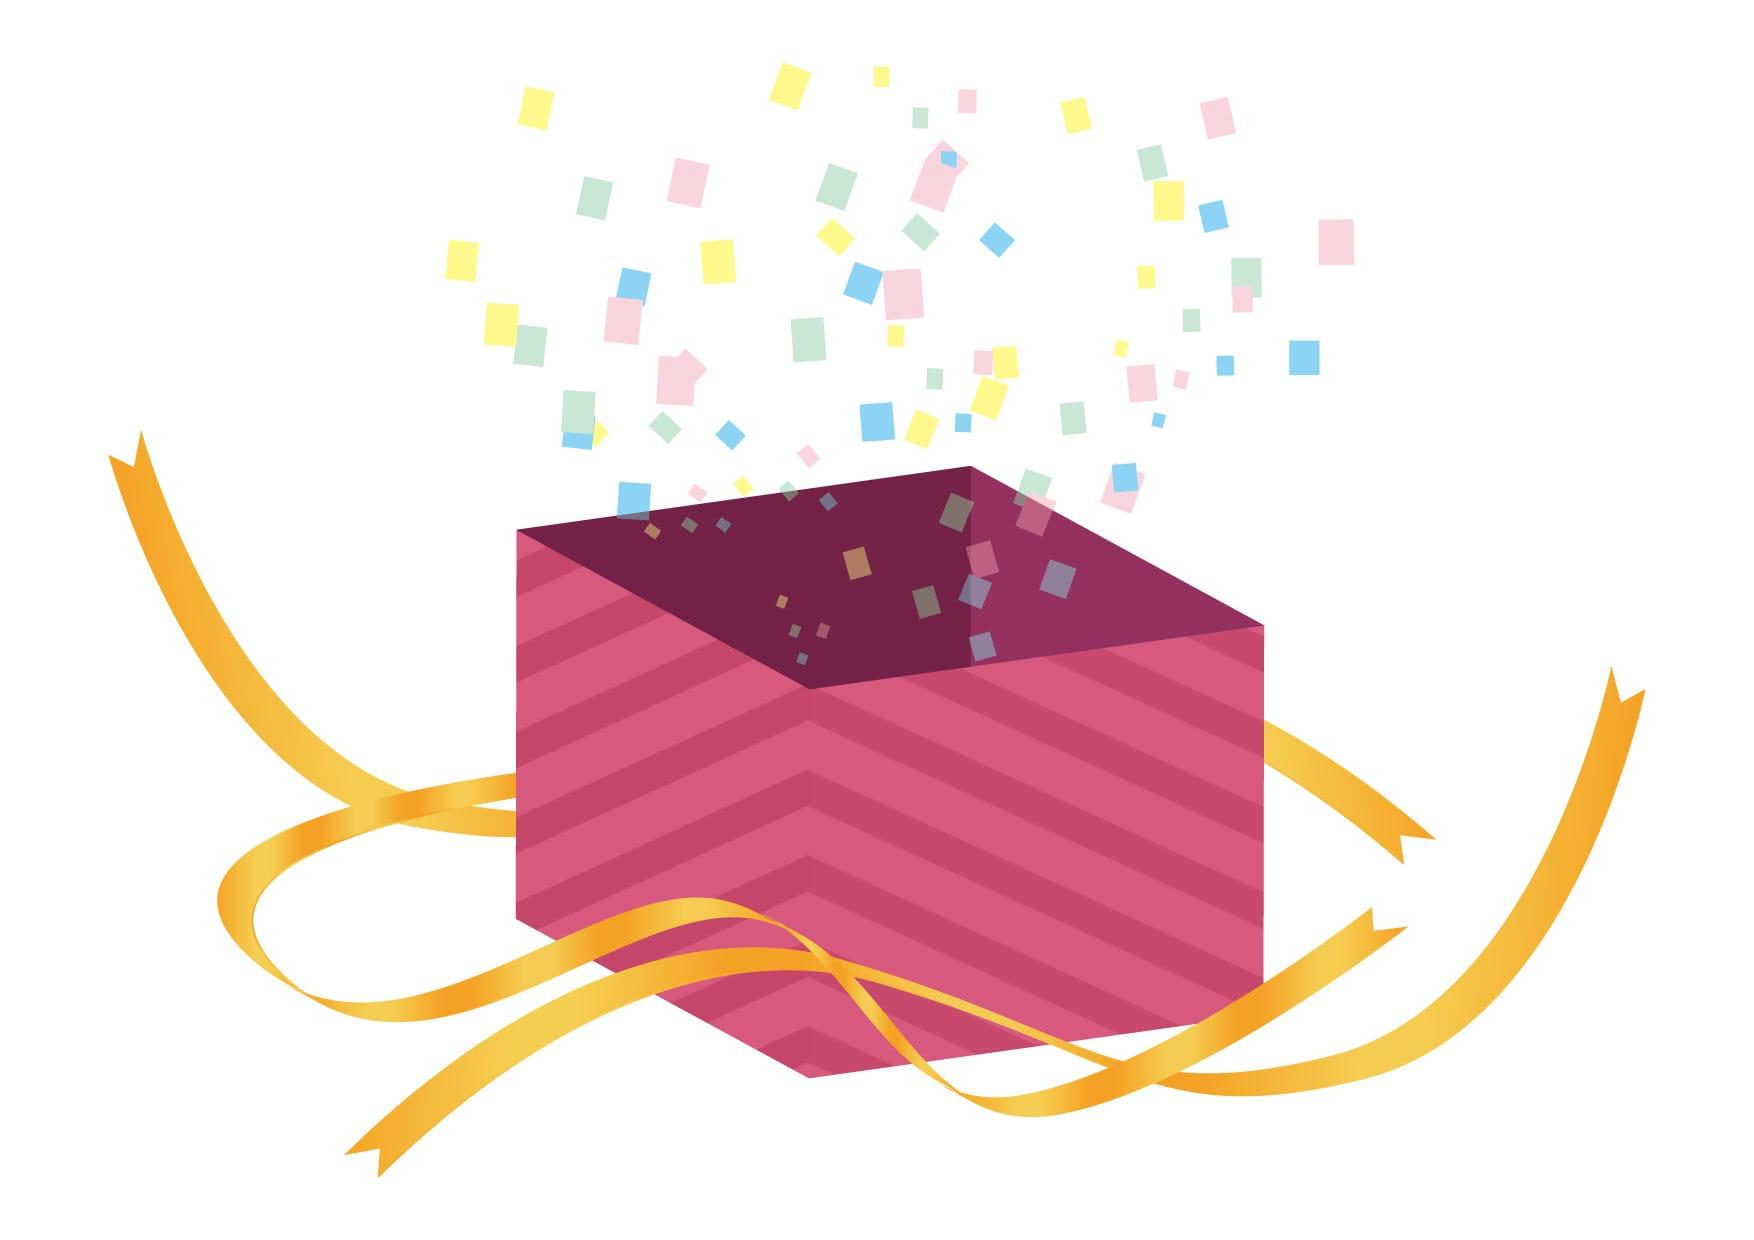 可愛いイラスト無料|サプライズ プレゼント ピンク色 開く − free illustration  Surprise present pink